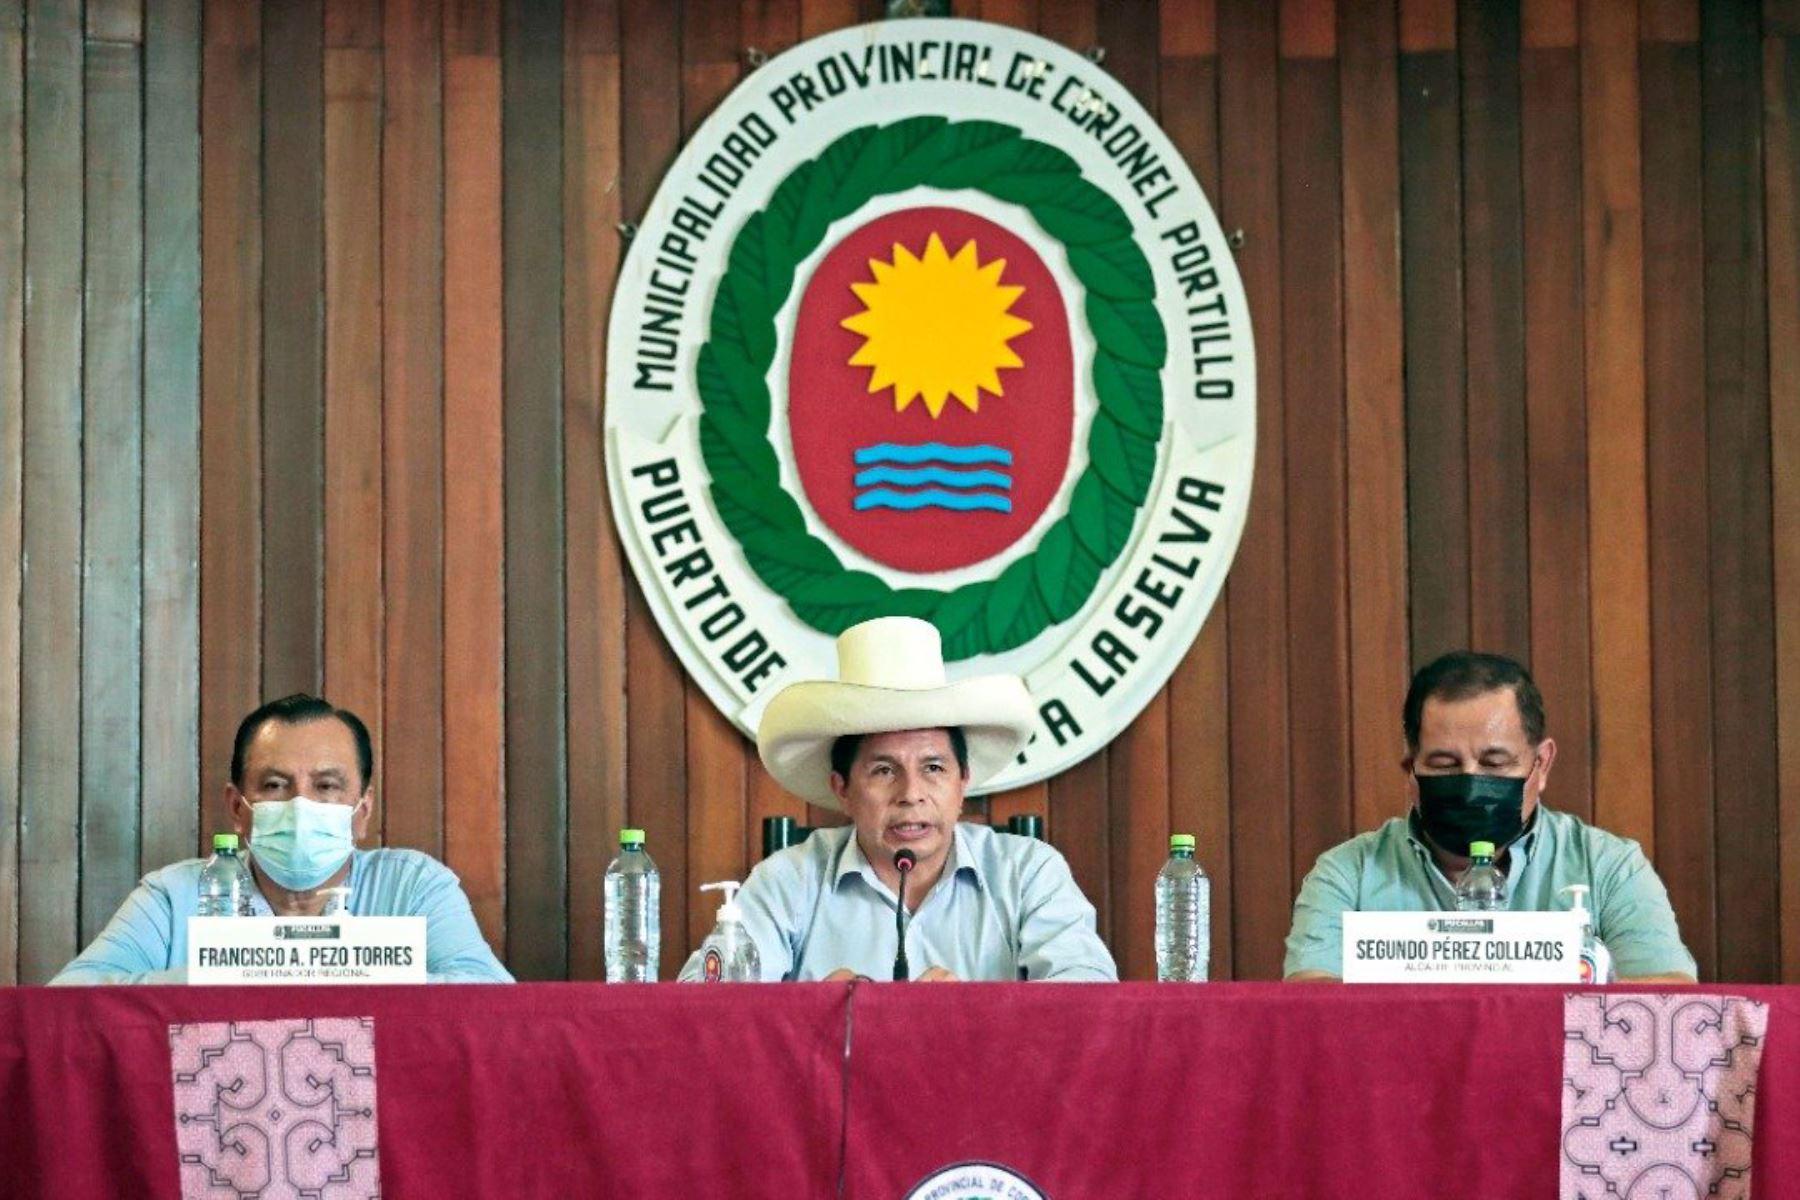 Jefe de Estado: ministros tienen el encargo de recibir a los alcaldes